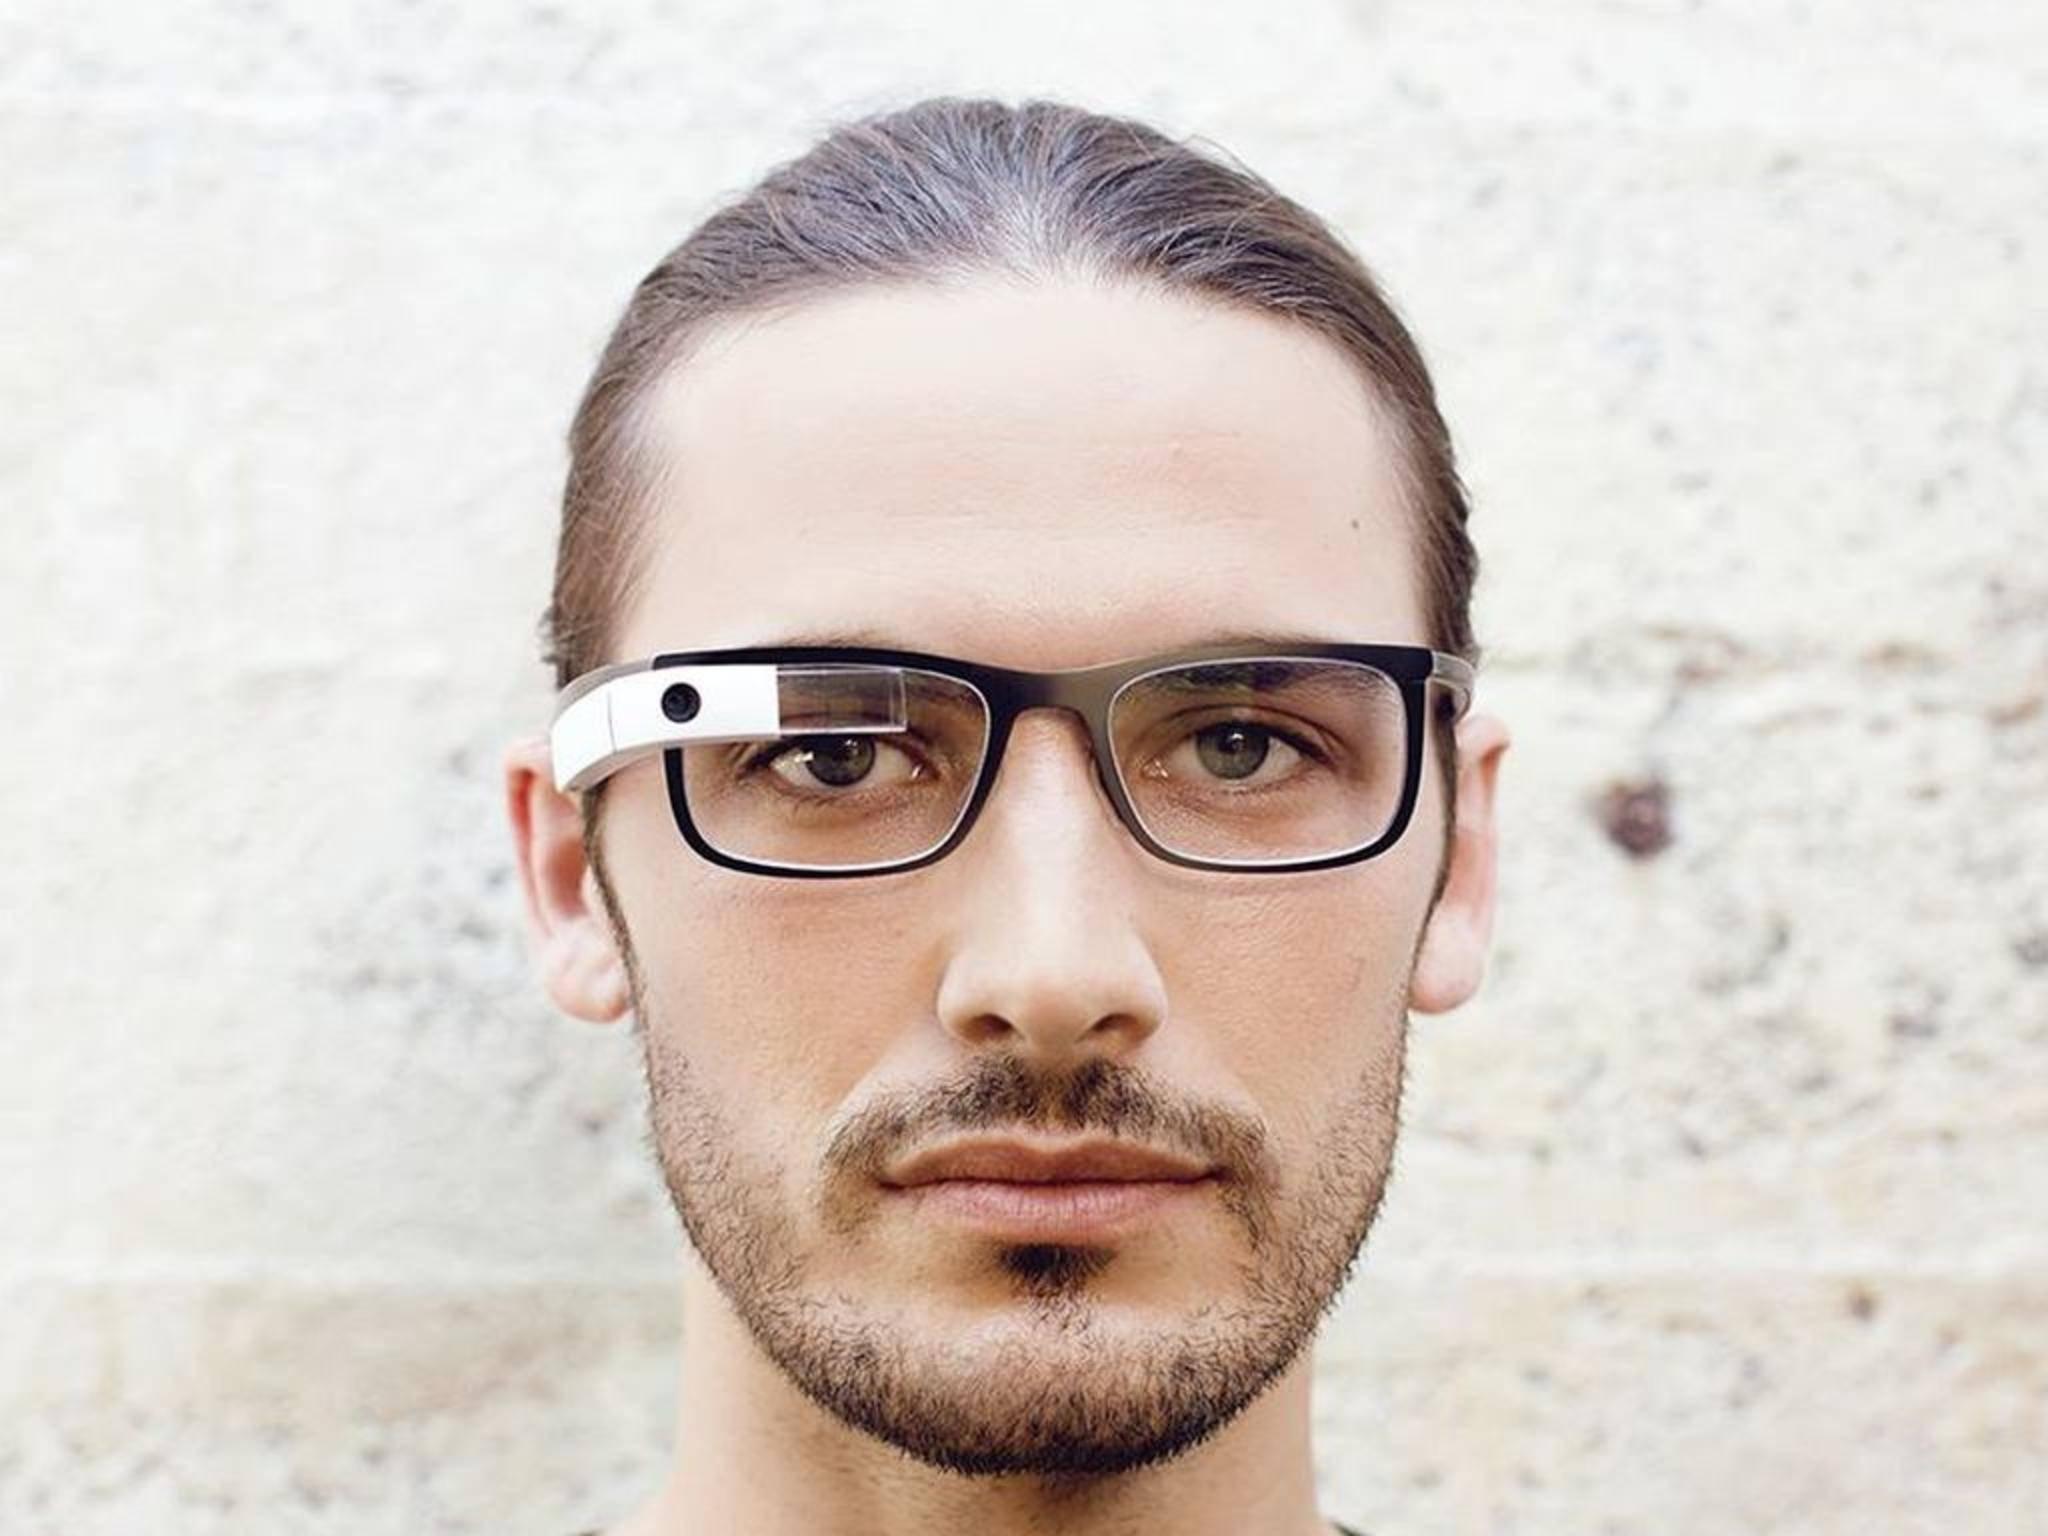 Noch wird Google Glass nur auf der Erde verwendet – das könnte sich bald ändern.